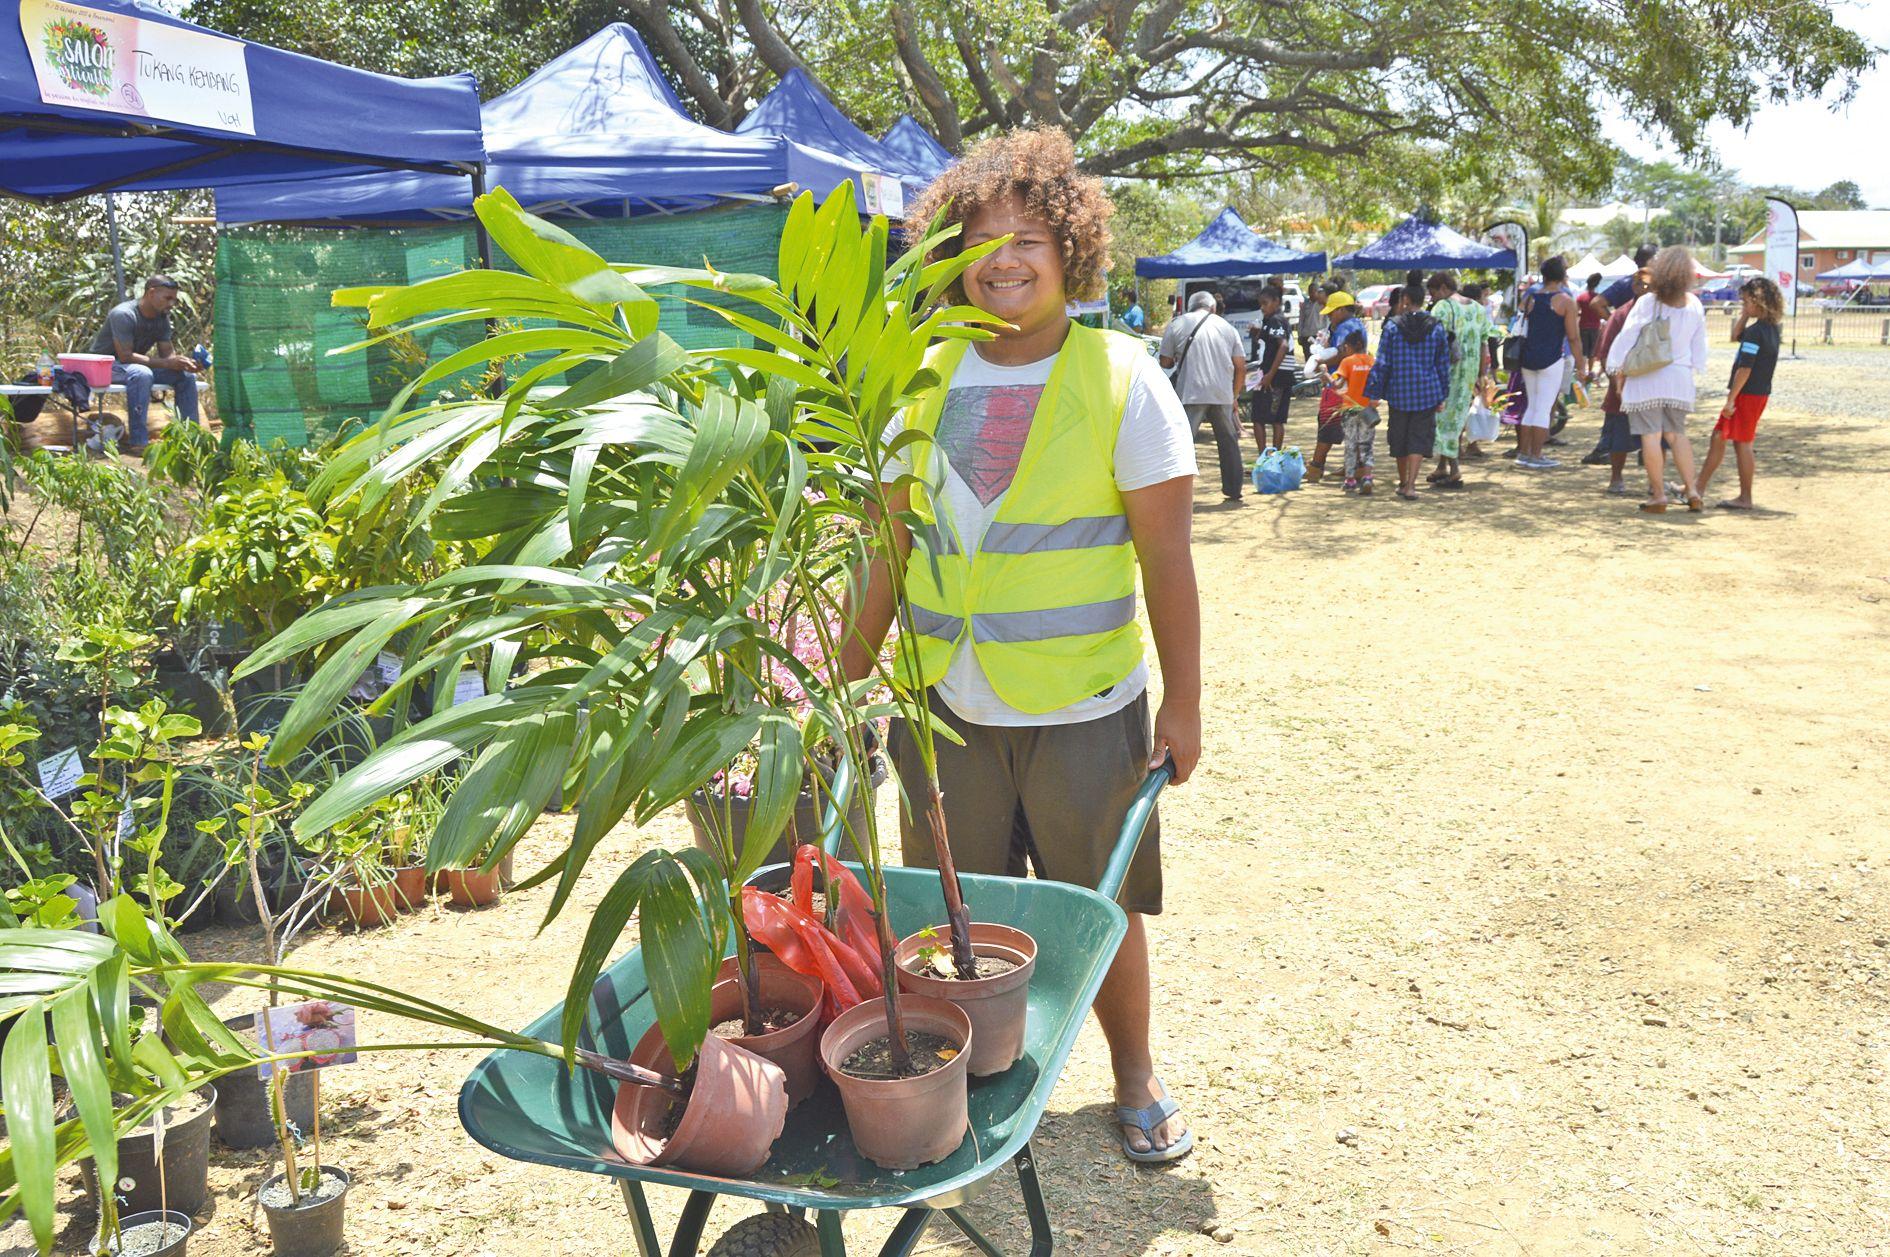 Pas de salon de l'horticulture sans les aides à la brouette ! Une aide précieuse pourtransporter des achats parfois encombrants.